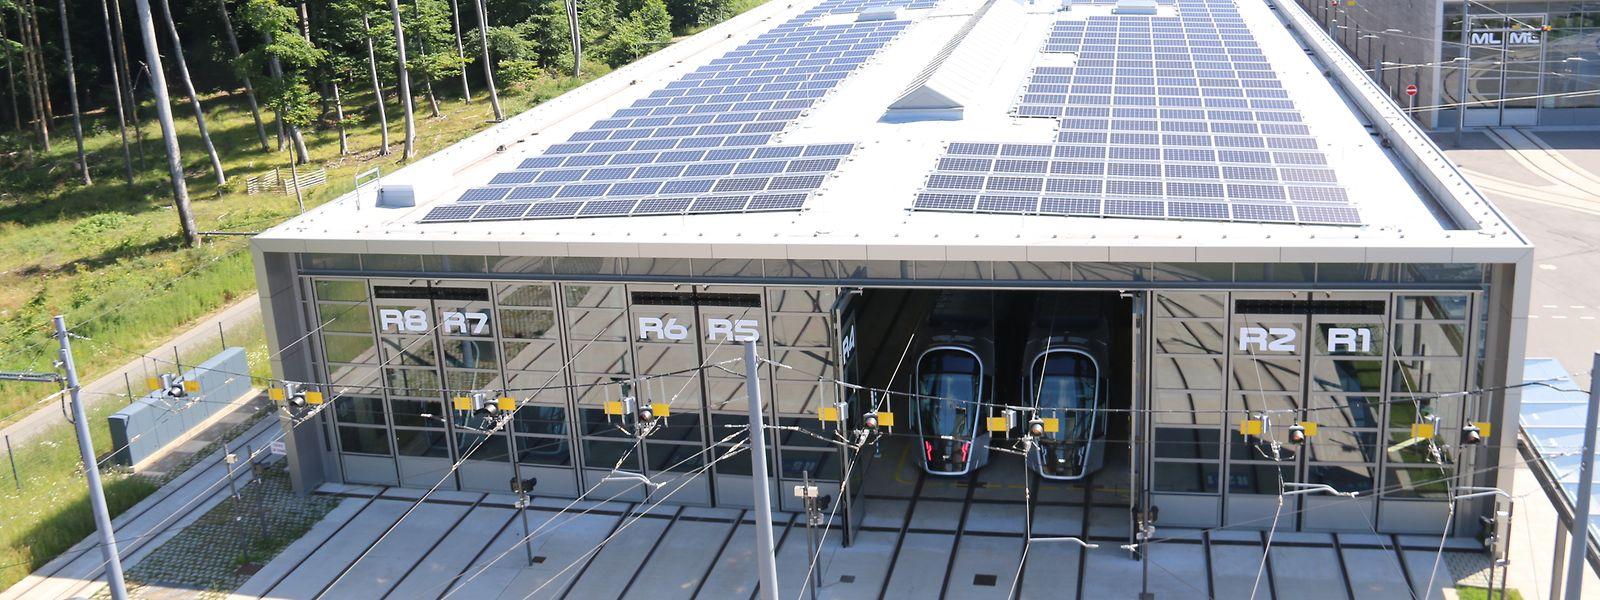 """Le premier bâtiment du """"Tramsschapp"""" est désormais totalement recouvert de panneaux photovoltaïques."""